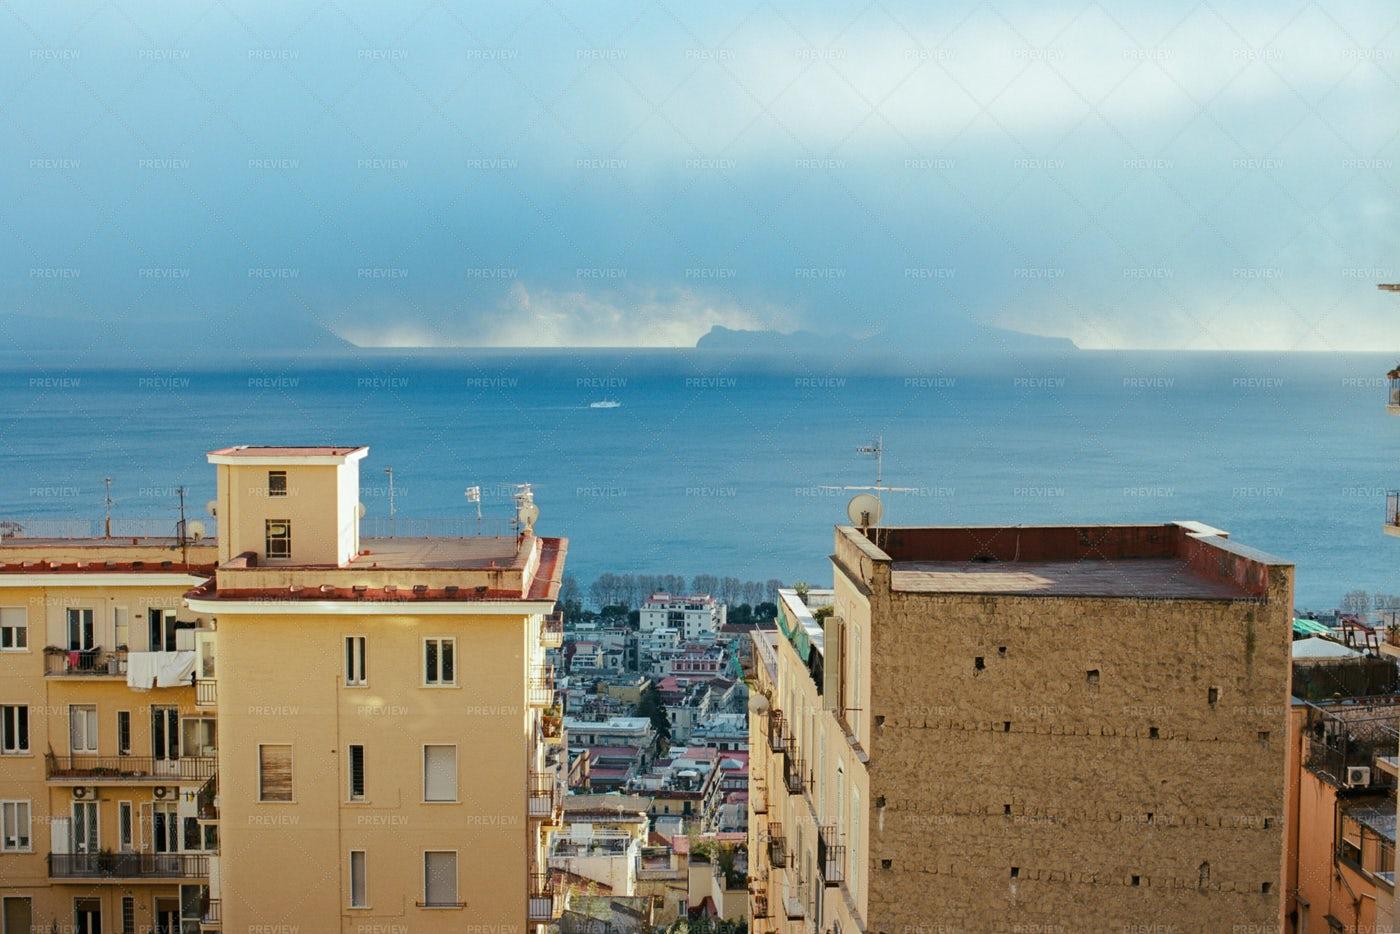 Ocean Views In Naples, Italy: Stock Photos